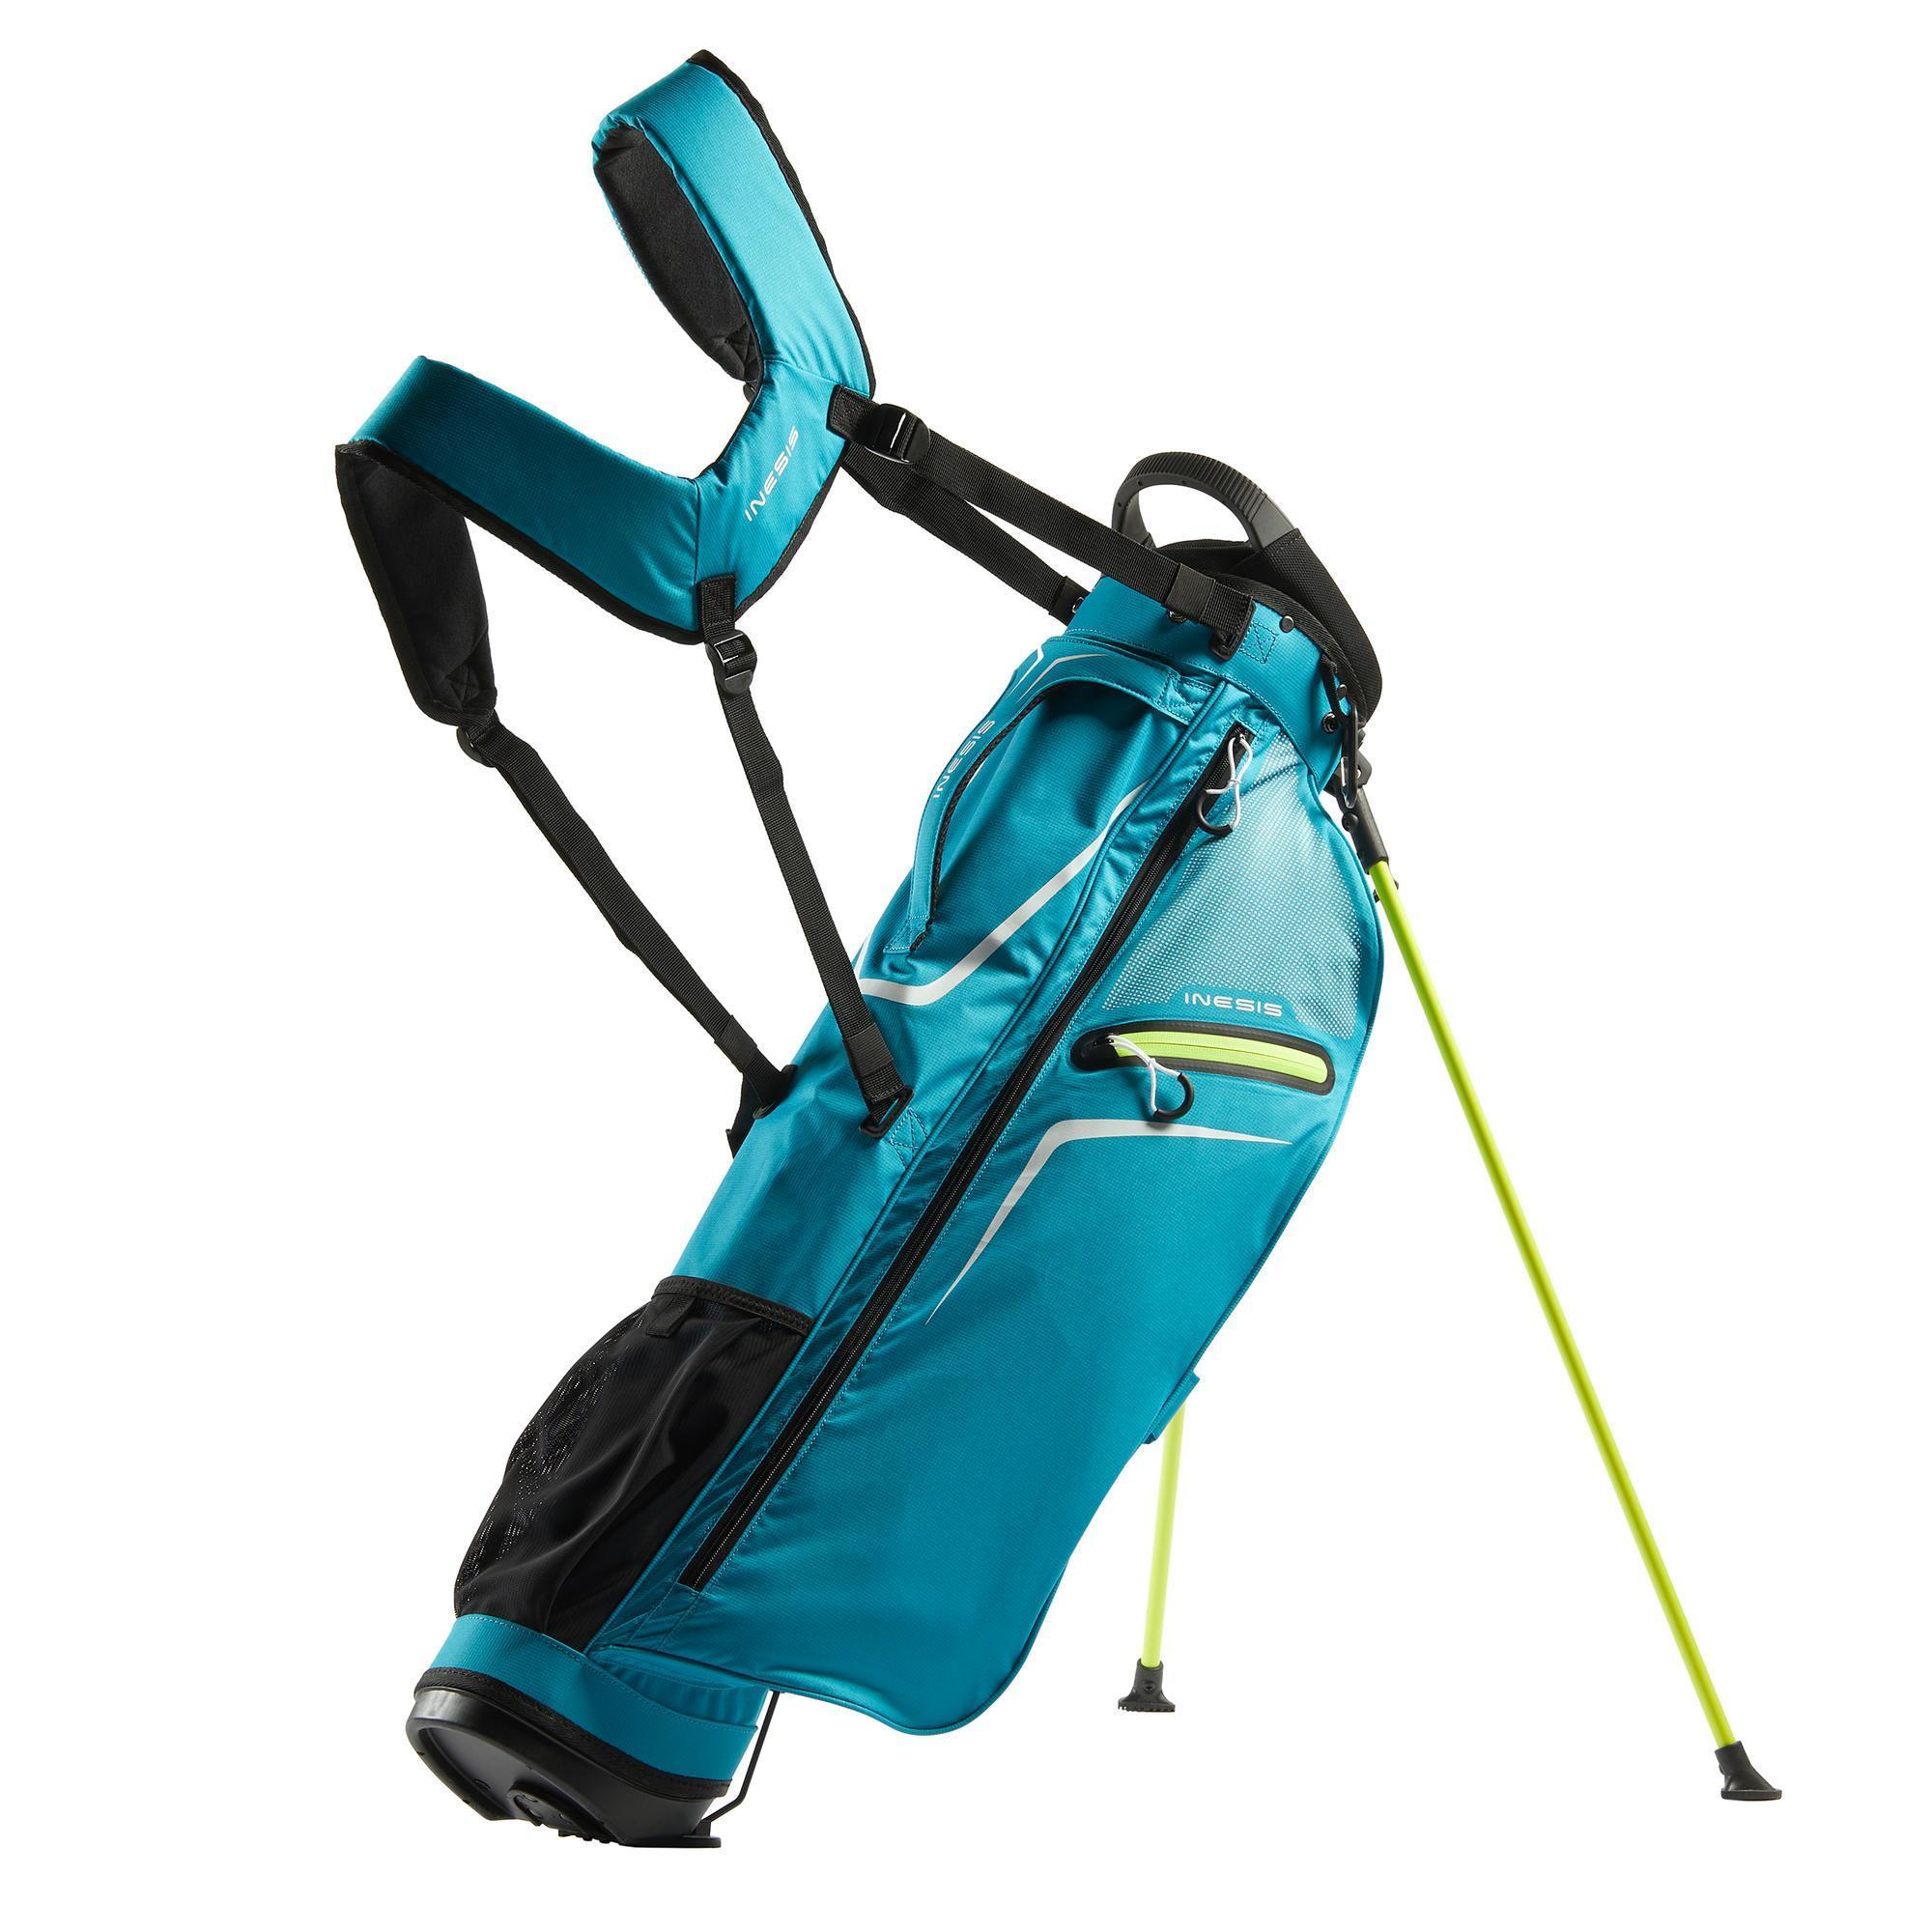 Inesis Standbag voor golf Ultralight turquoise kopen